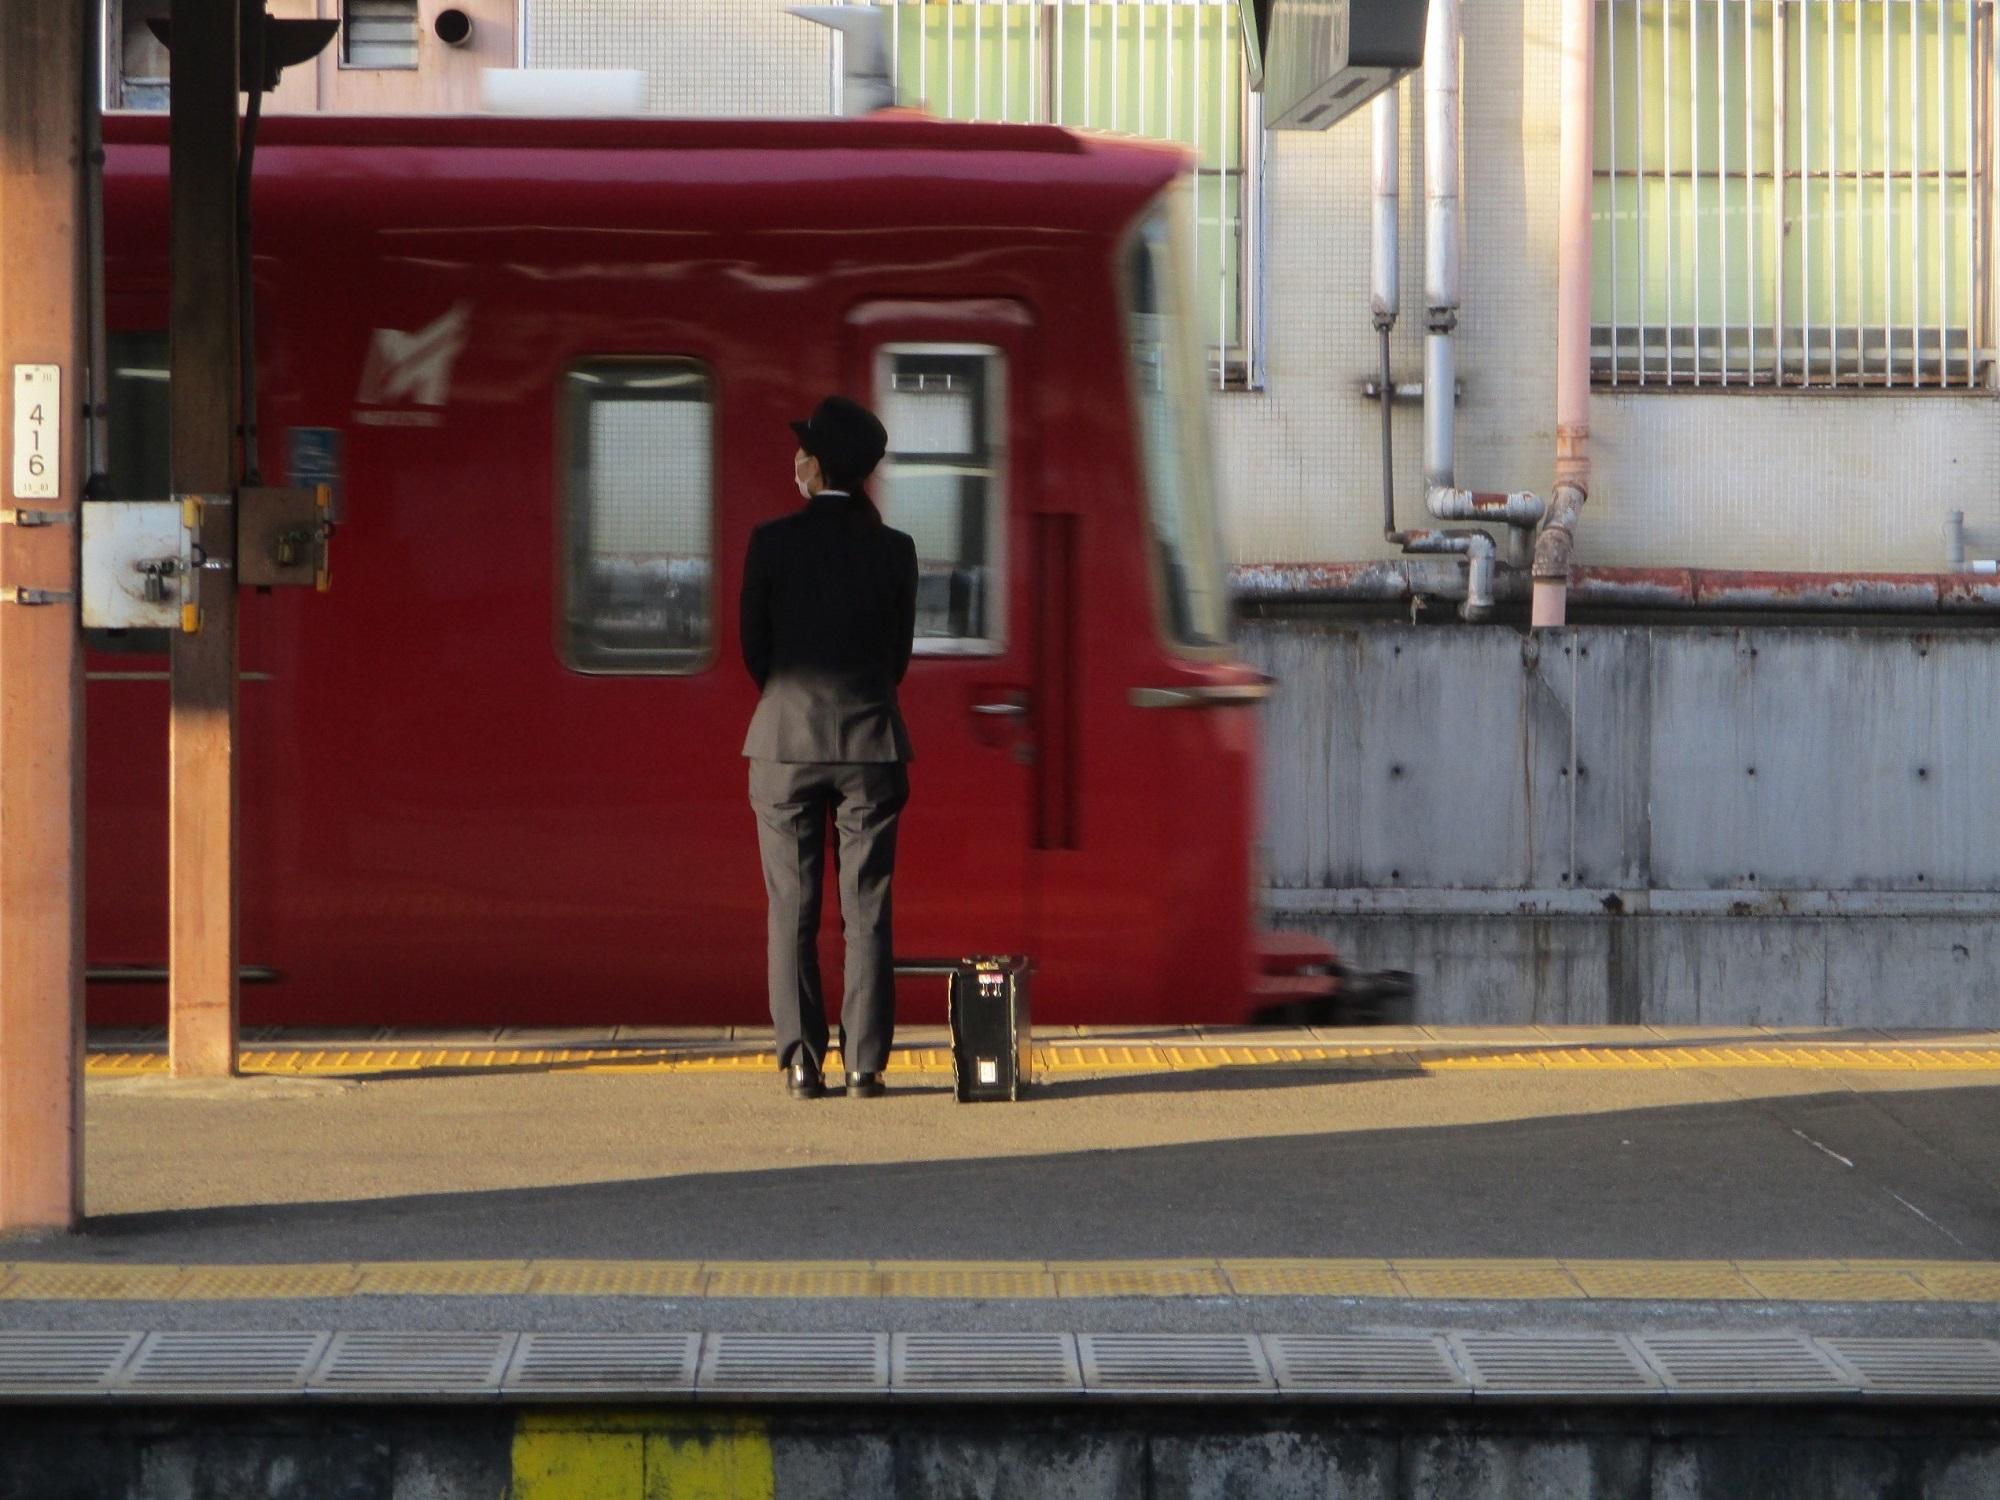 2020.3.17 (32) 東岡崎 - 東岡崎いきふつう 2000-1500